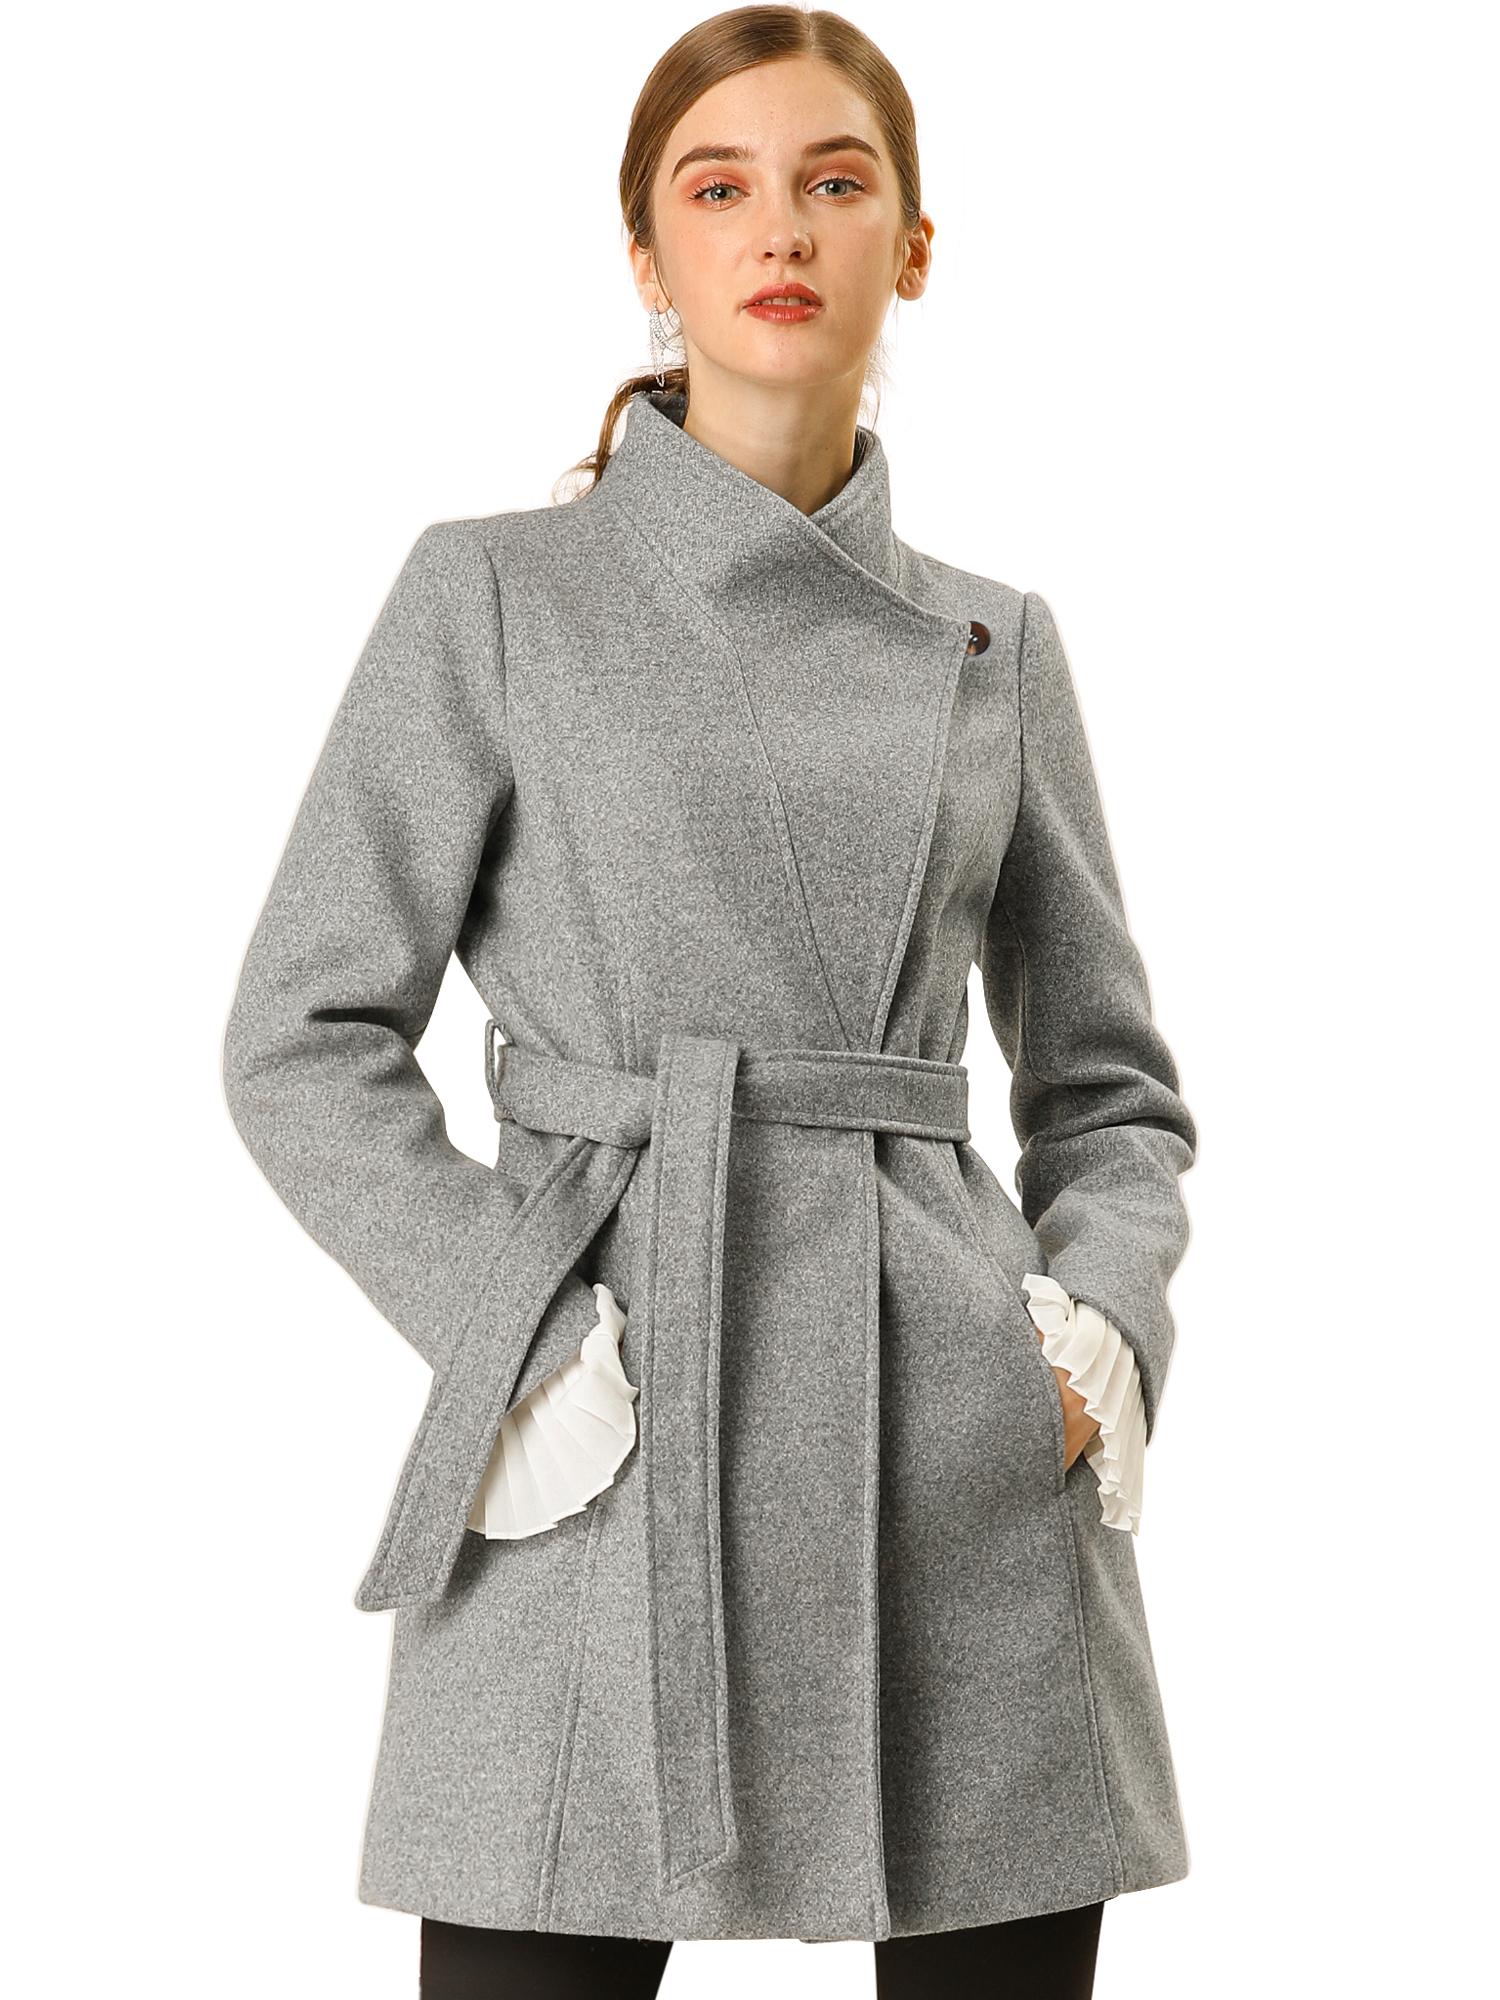 Allegra K Women's Stand Collar Tie Waist Casual Coat Grey M